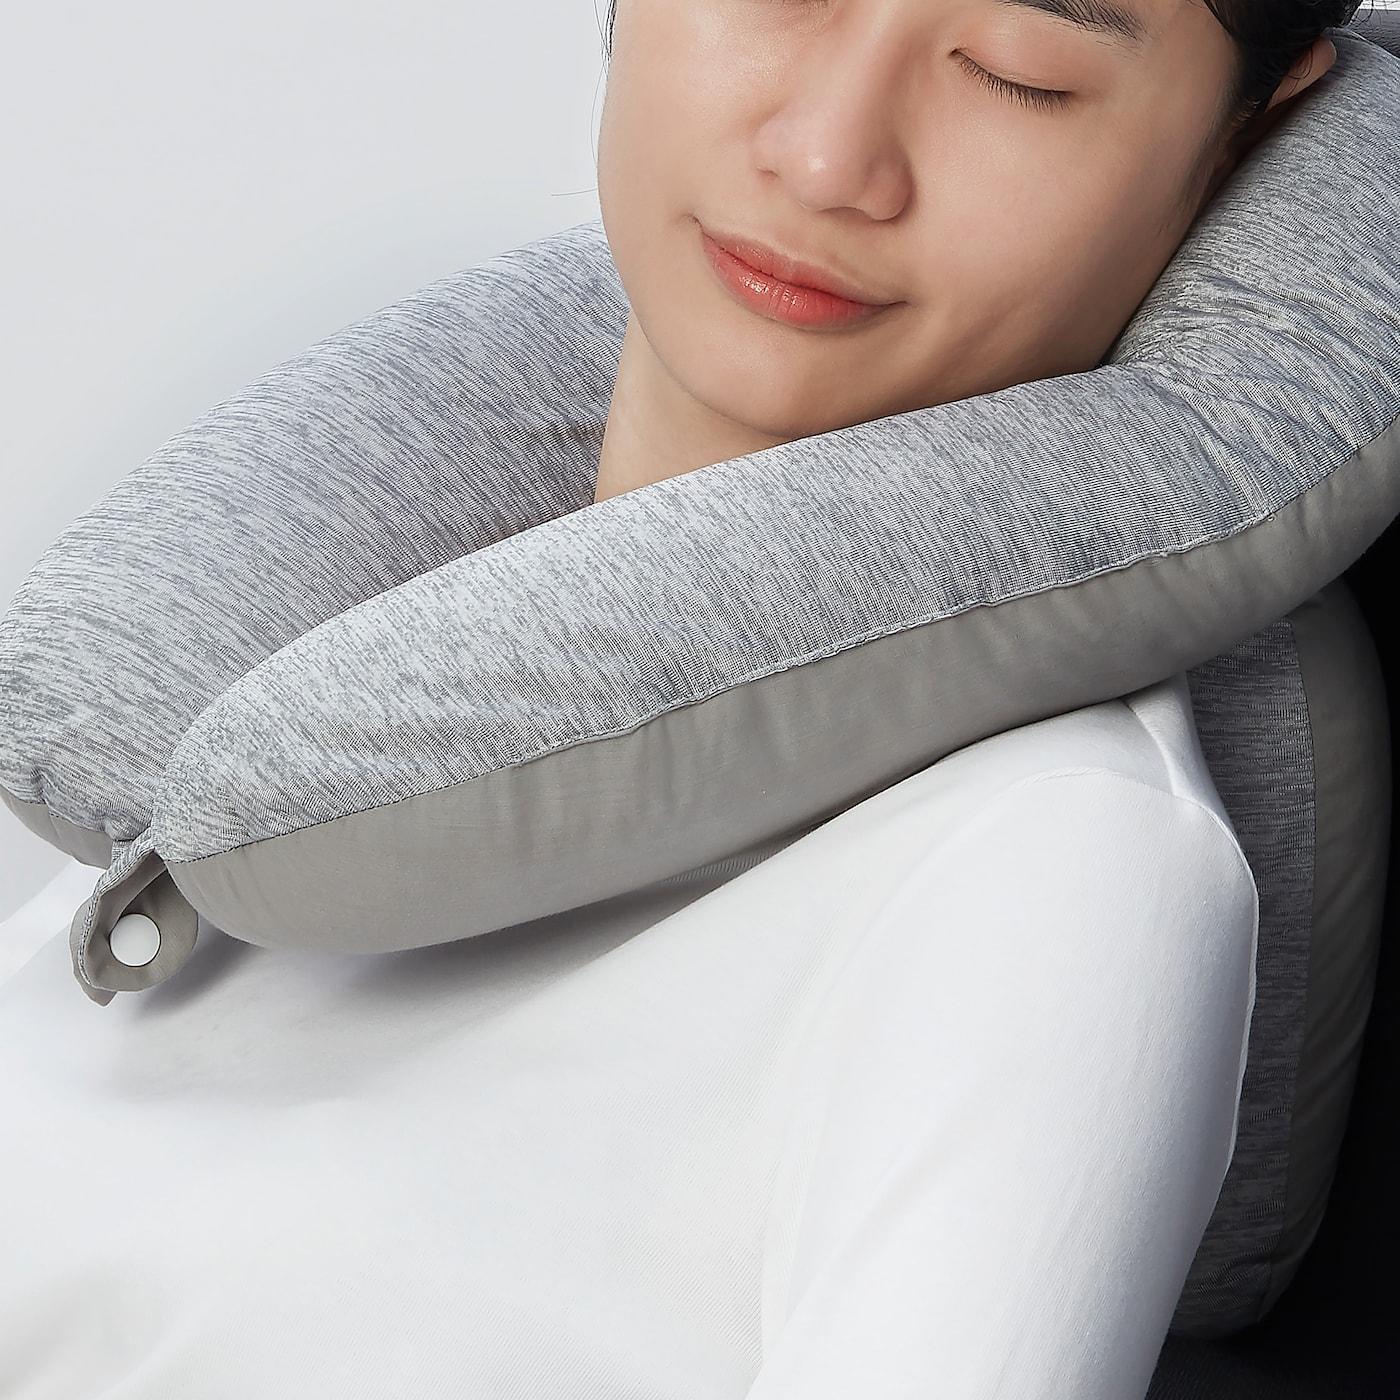 Cuscino Per Il Collo Da Viaggio.Klibbarv Cuscino Da Viaggio Per Collo Grigio Ikea It